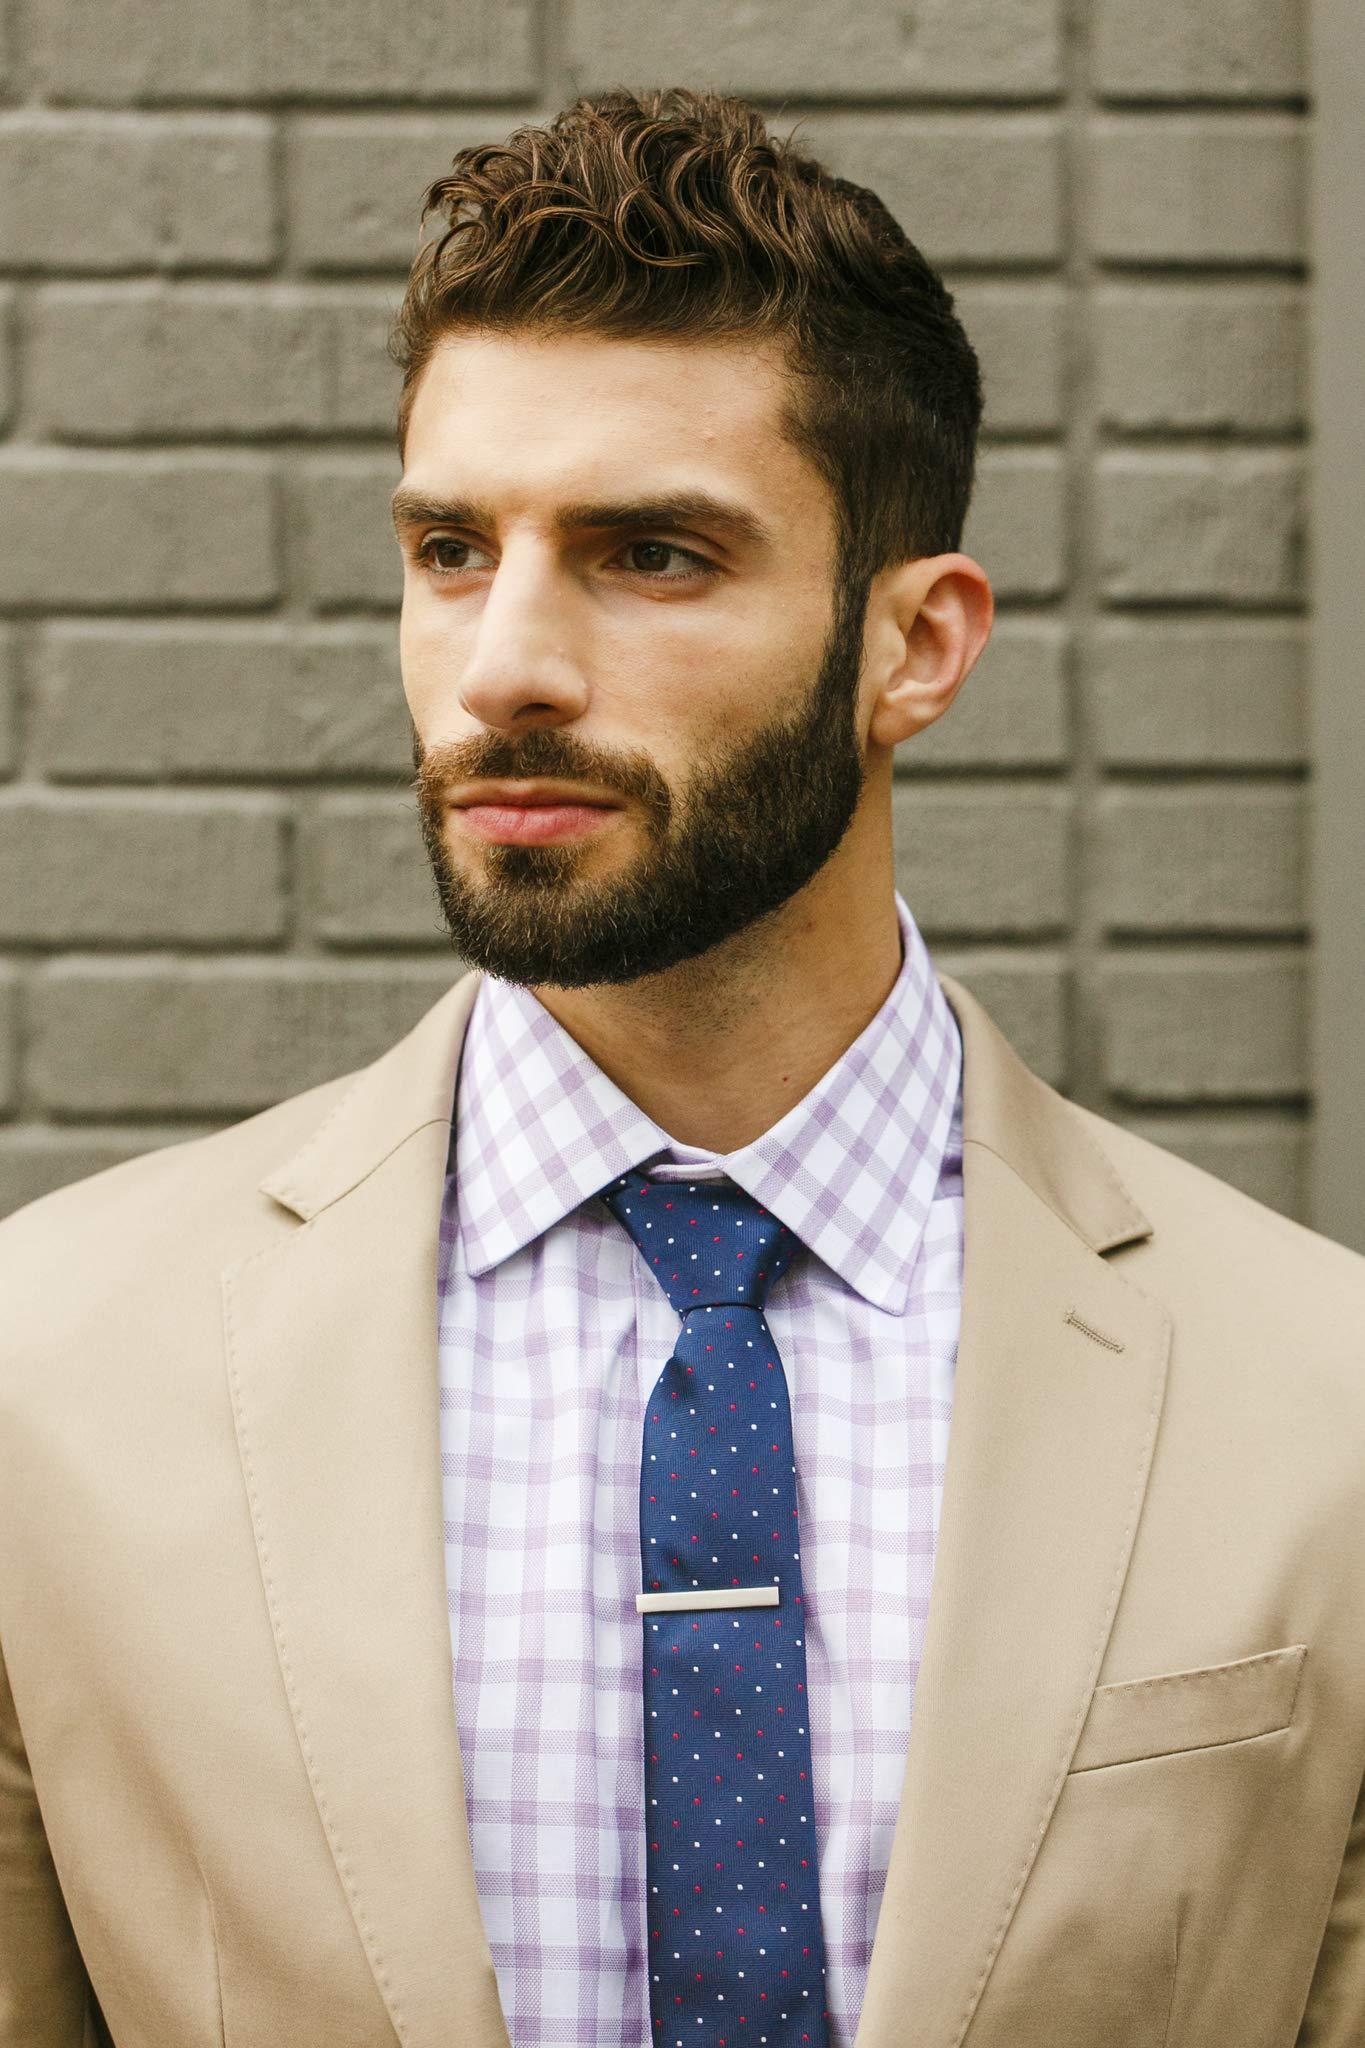 Cueva Bar 4.13 cm Tie Clip, Suiting Tie Clip, Great Gift for Men, Classic Style, Office Look, Wedding Business Necktie Clip, Silver Steel, Unique Design, Everyday Wear, Fashion Necktie Clip by Cueva (Image #6)